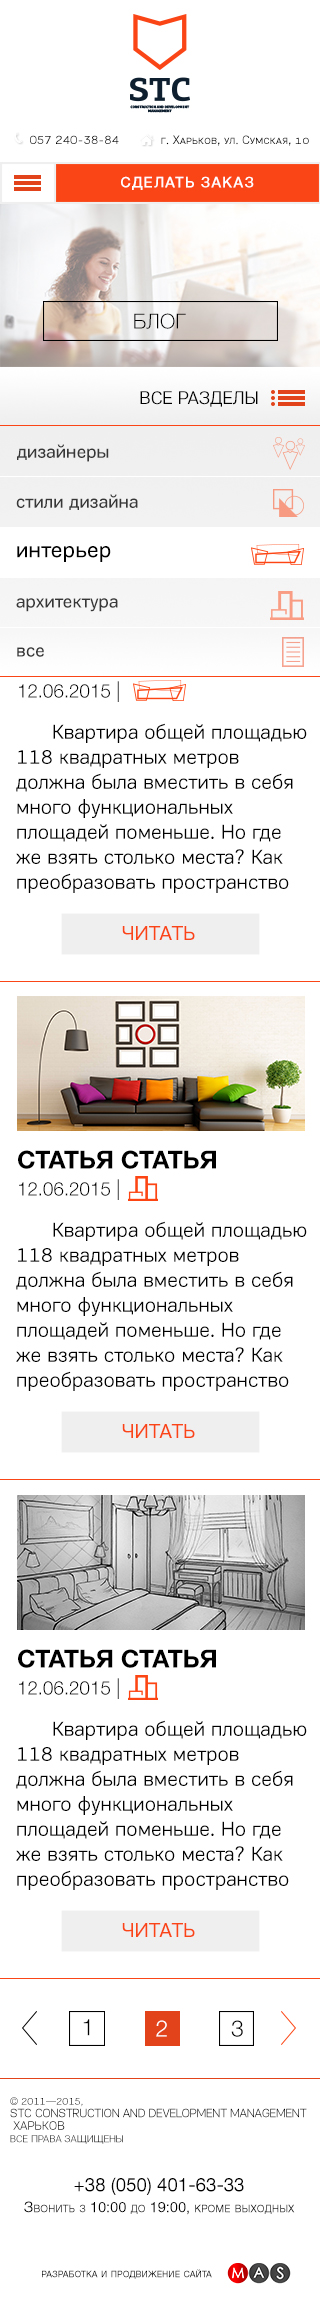 Мобильный вид страницы записи блога корпоративного сайта строительной компании STC